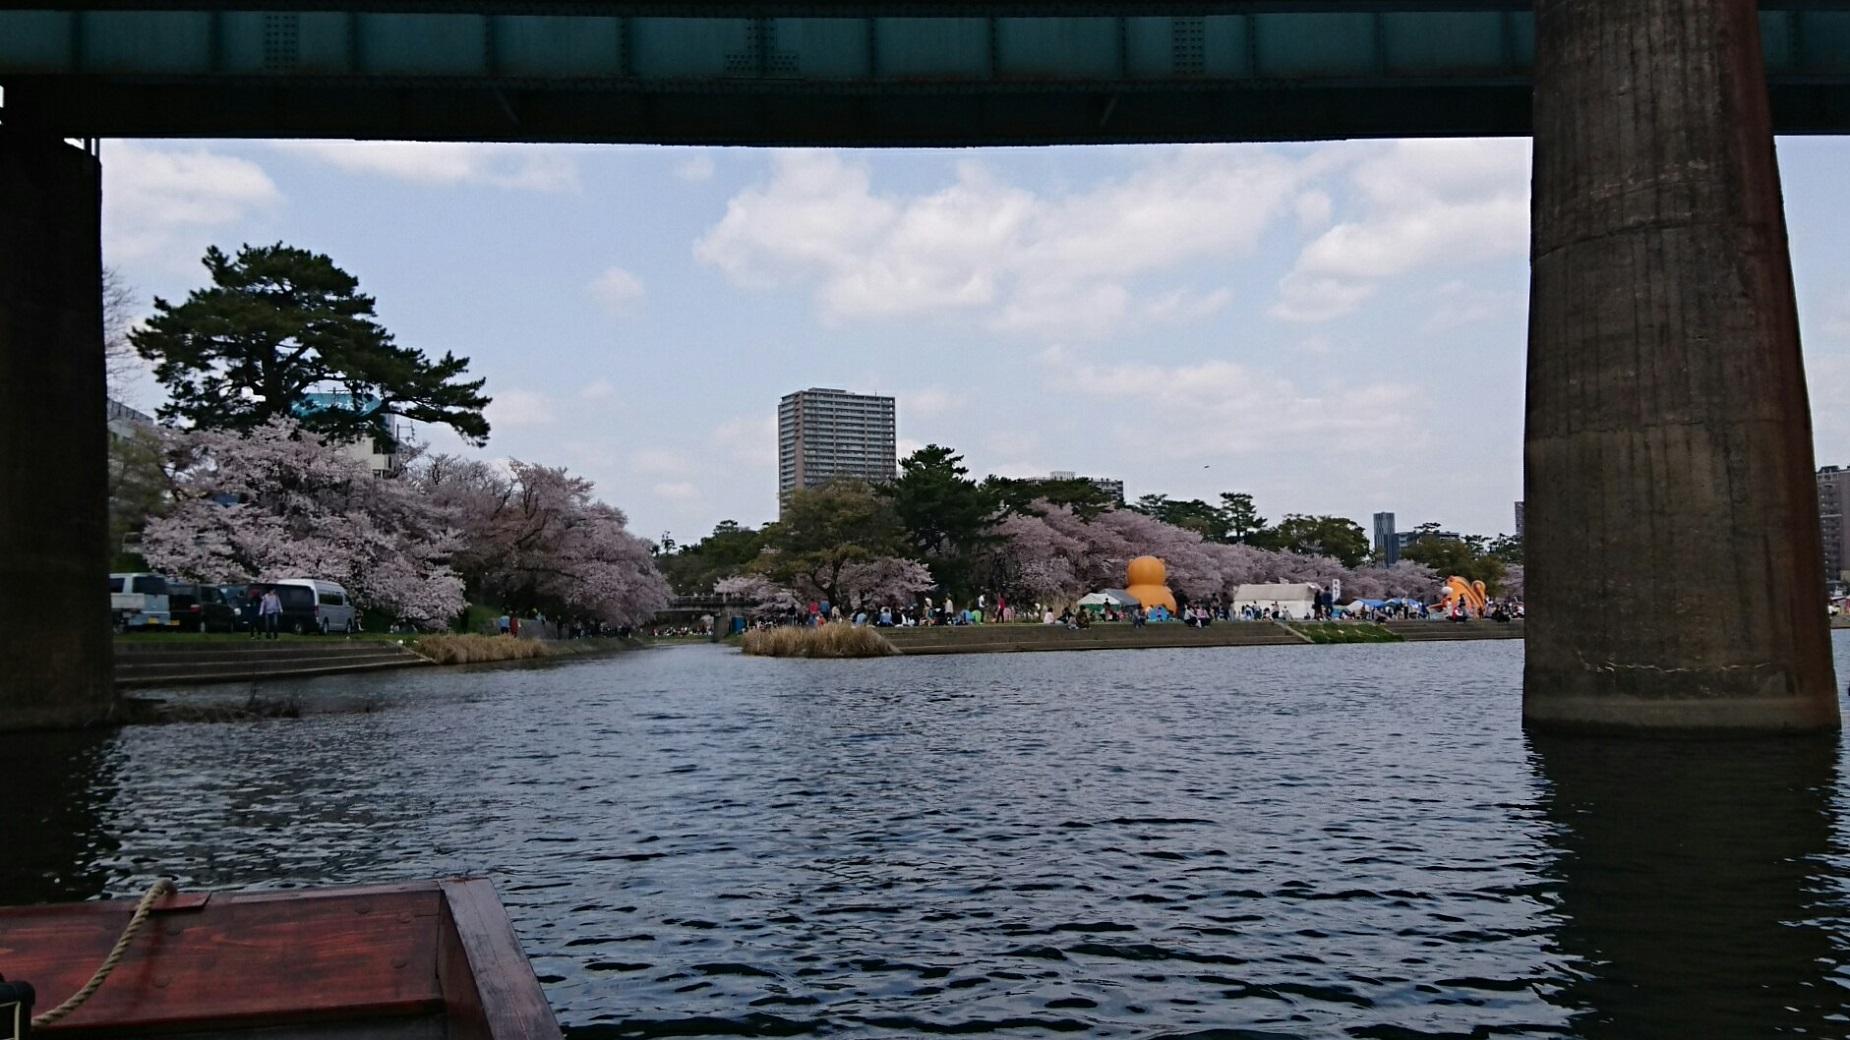 2018.3.31 岡崎ふなあそび (28) のぼり - 名古屋本線鉄橋 1850-1040